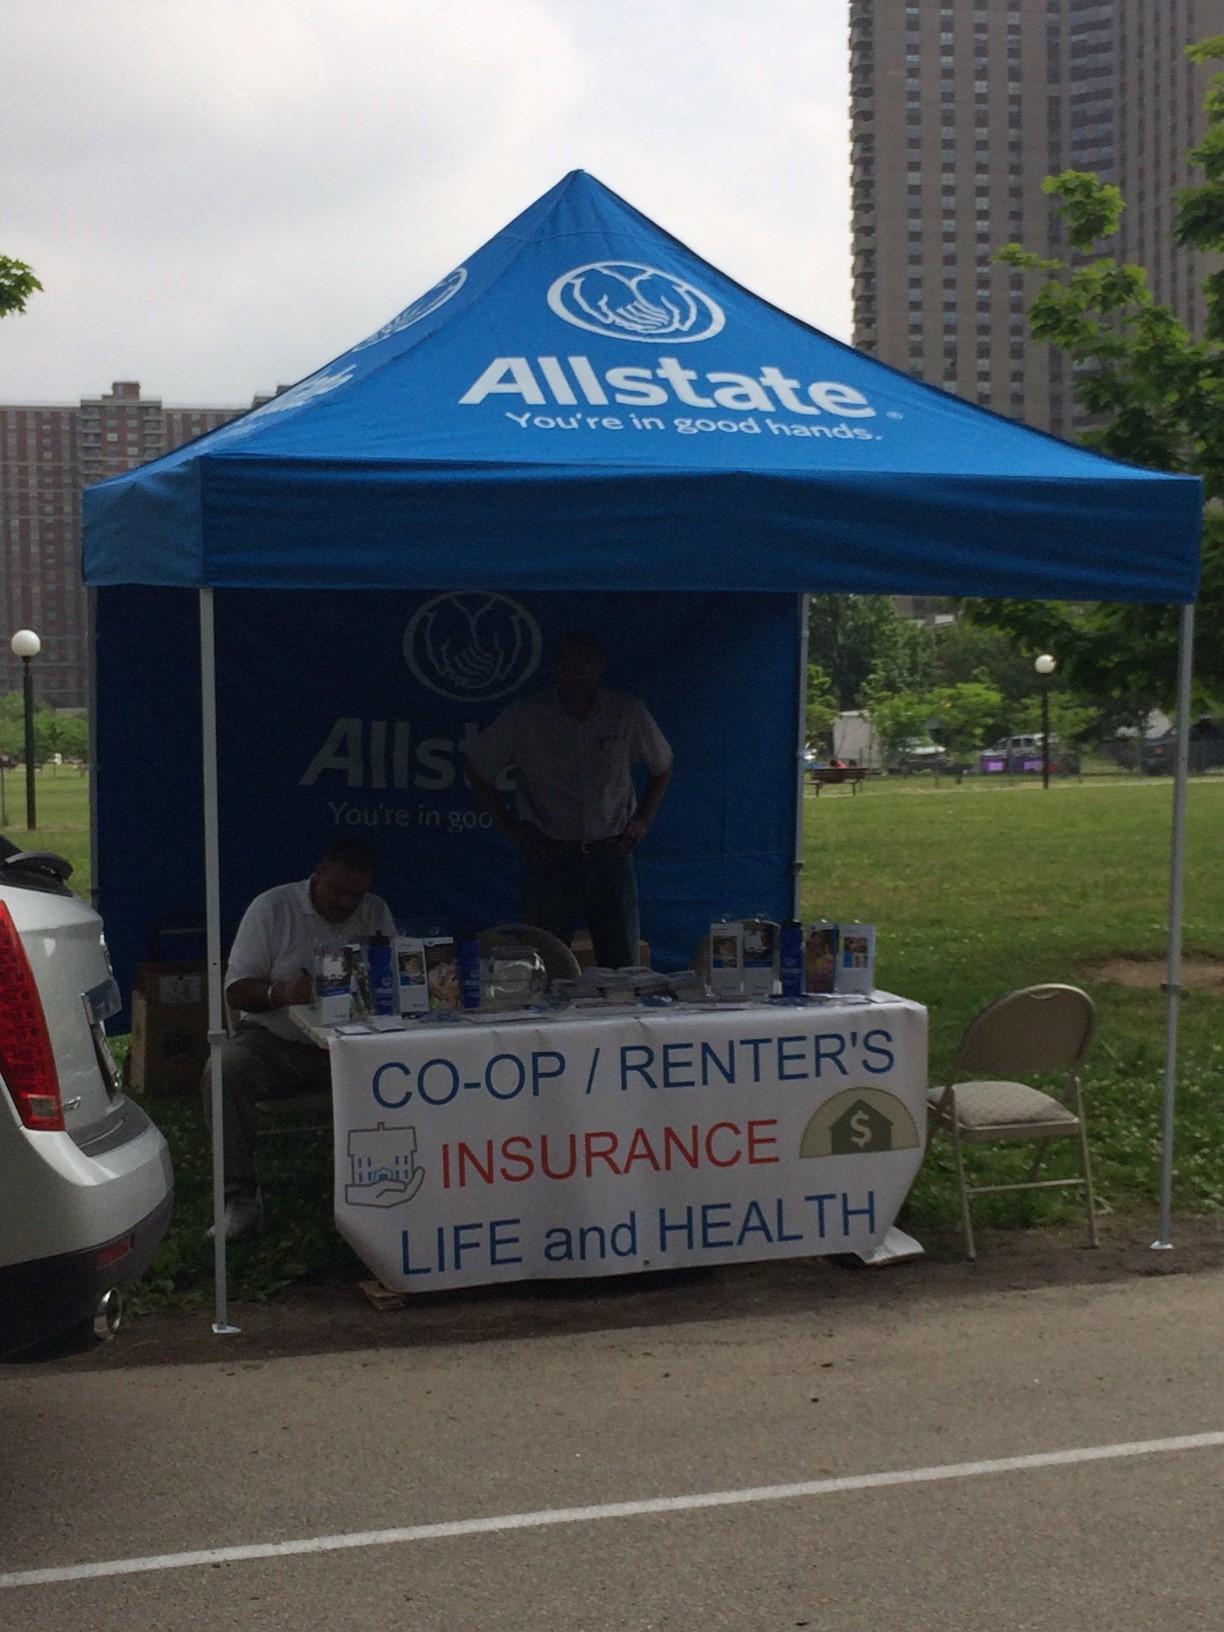 Kenneth Nass: Allstate Insurance image 4